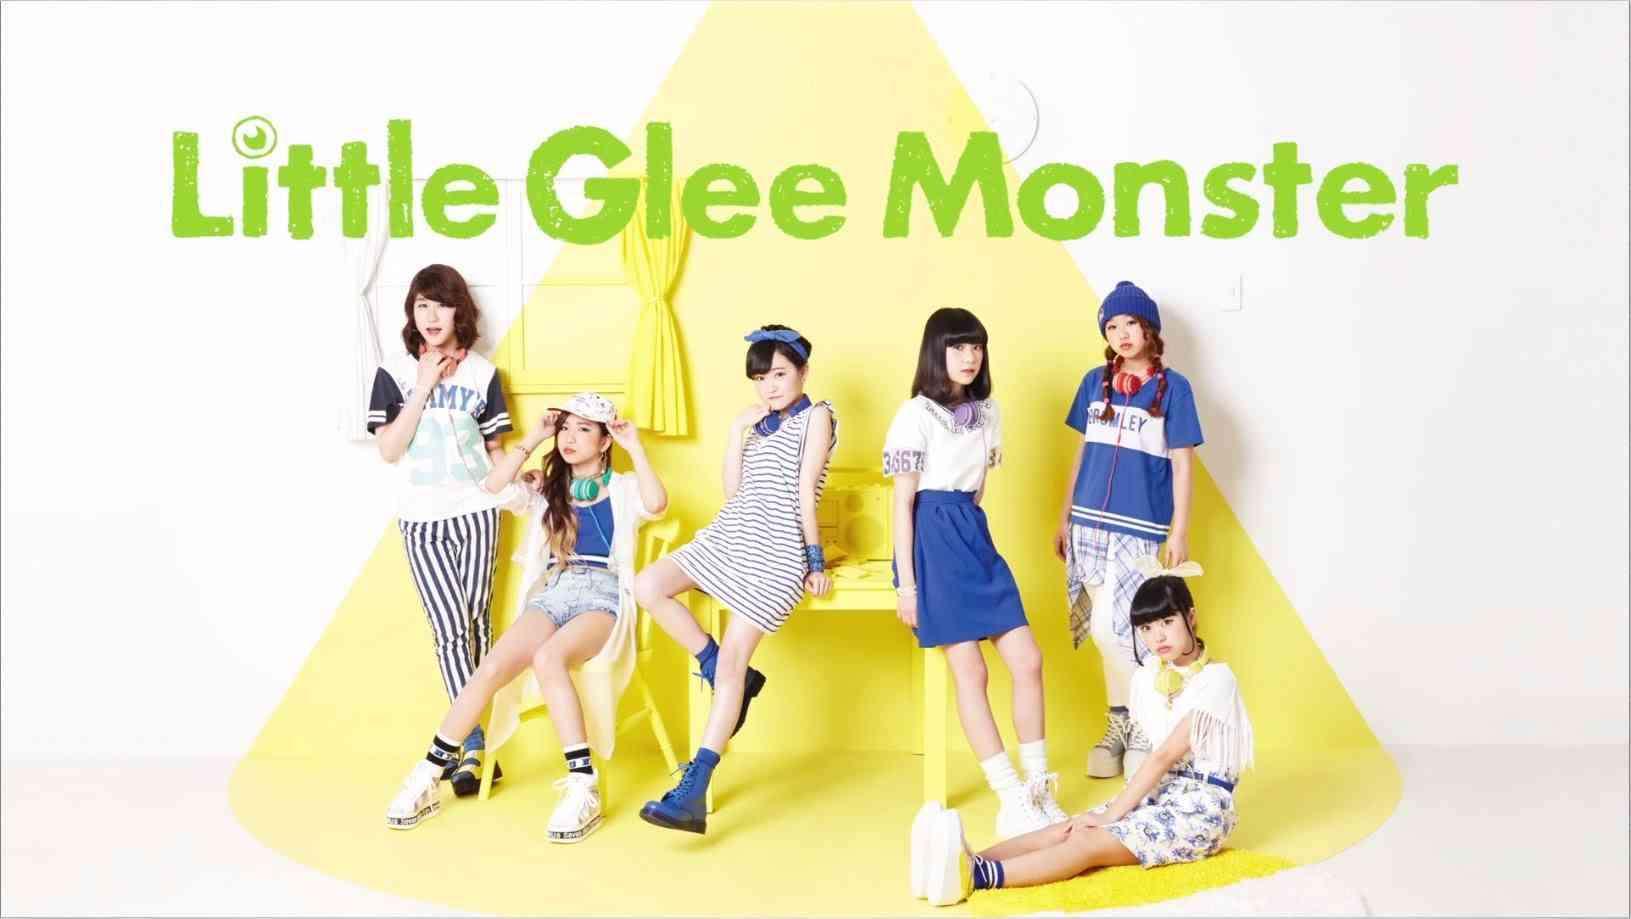 ただのアイドルじゃない「リトグリ」ことLittle Glee Monster(リトルグリーモンスター)が口コミでじわじわと人気